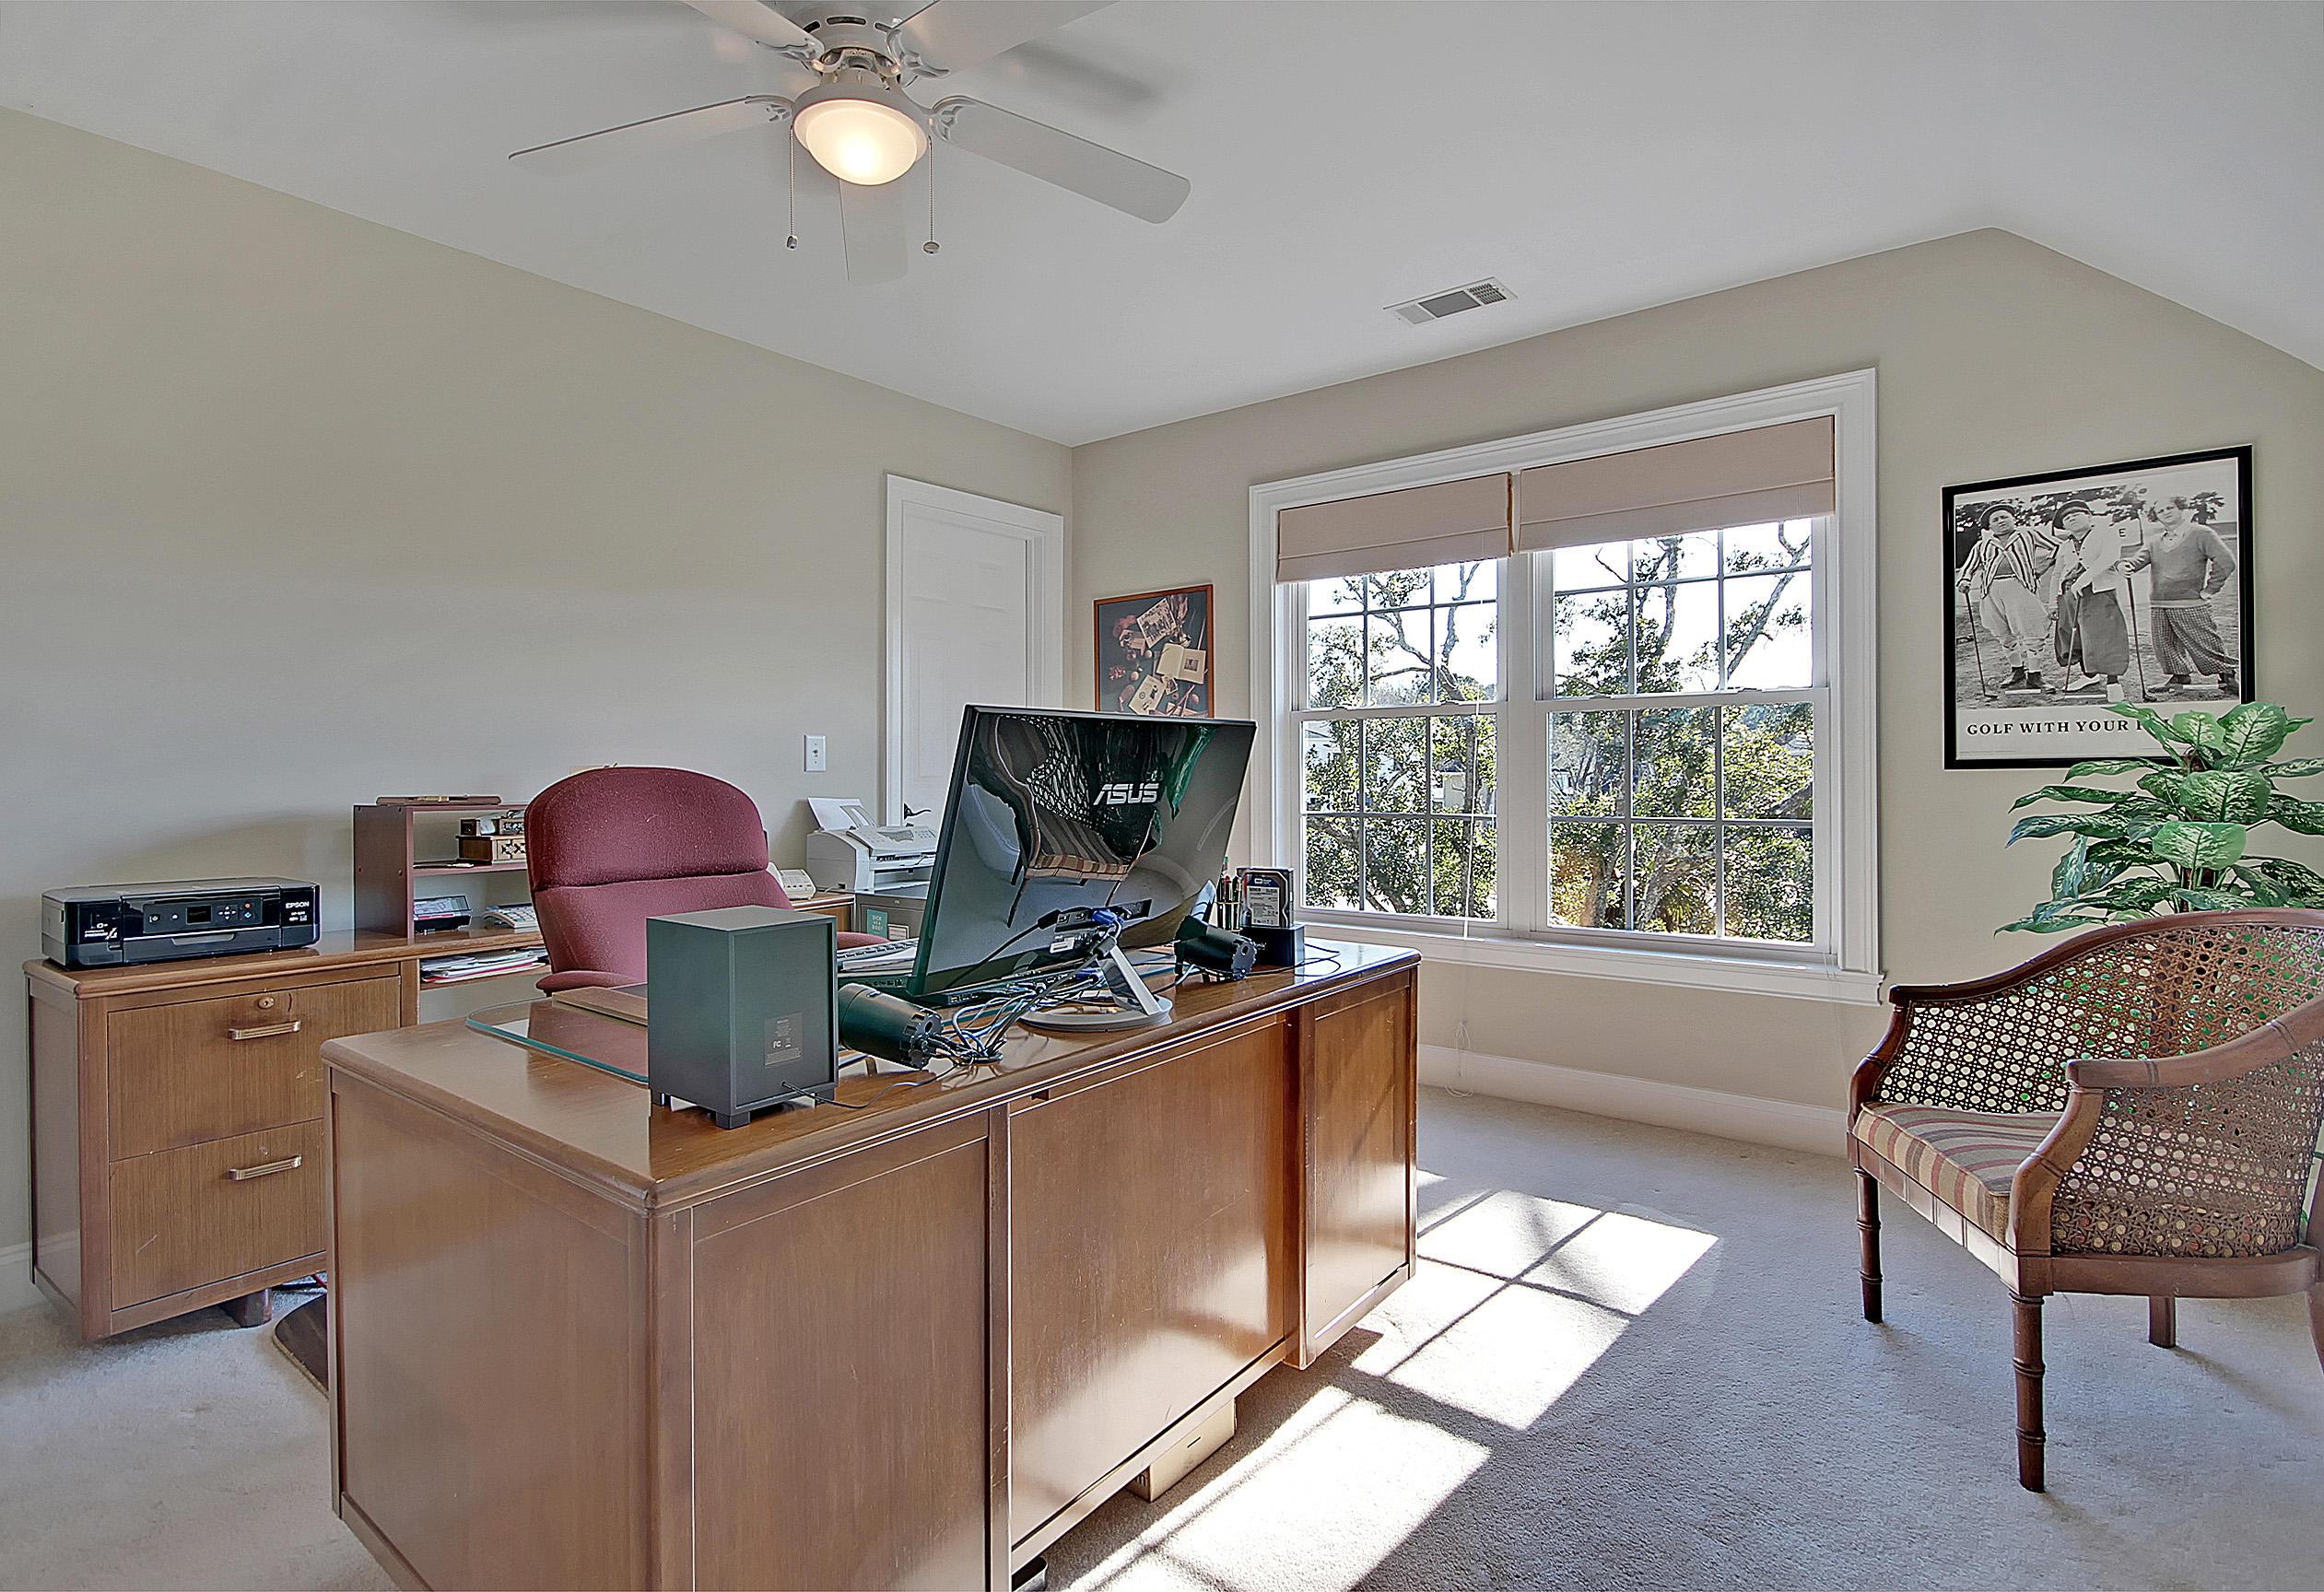 Dunes West Homes For Sale - 2721 Fountainhead, Mount Pleasant, SC - 74